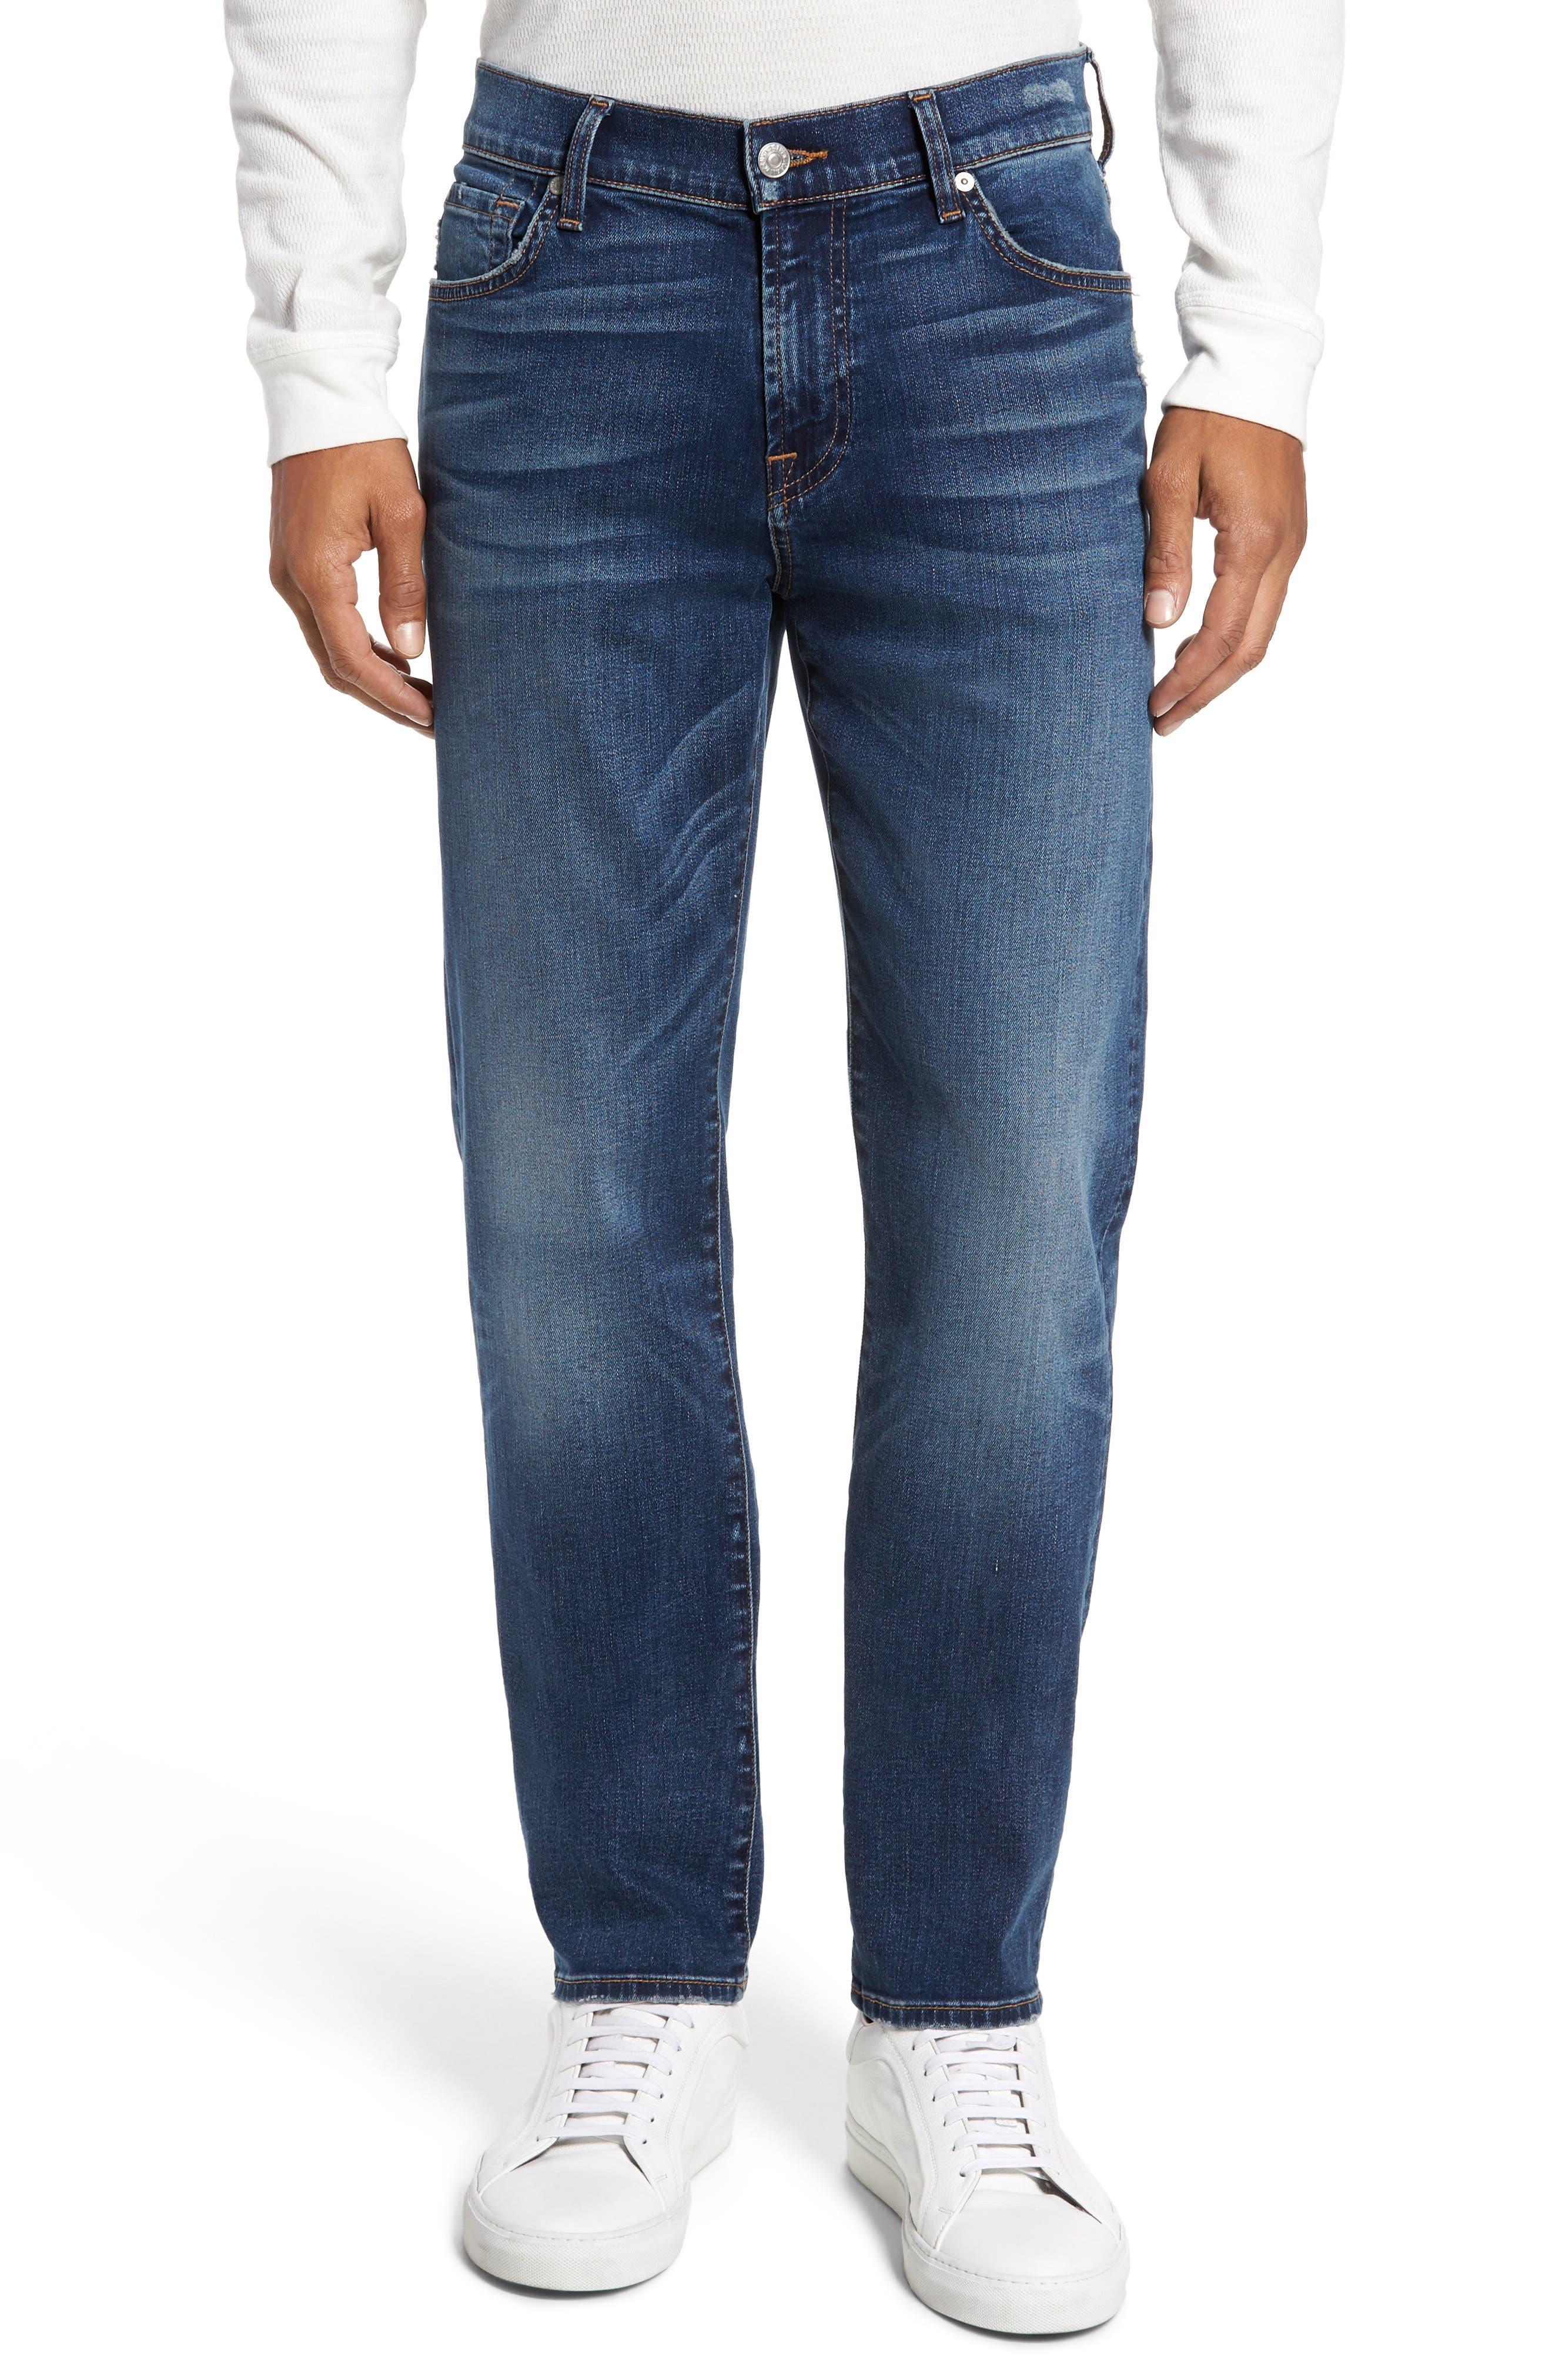 Slimmy Slim Fit Jeans,                             Main thumbnail 1, color,                             407